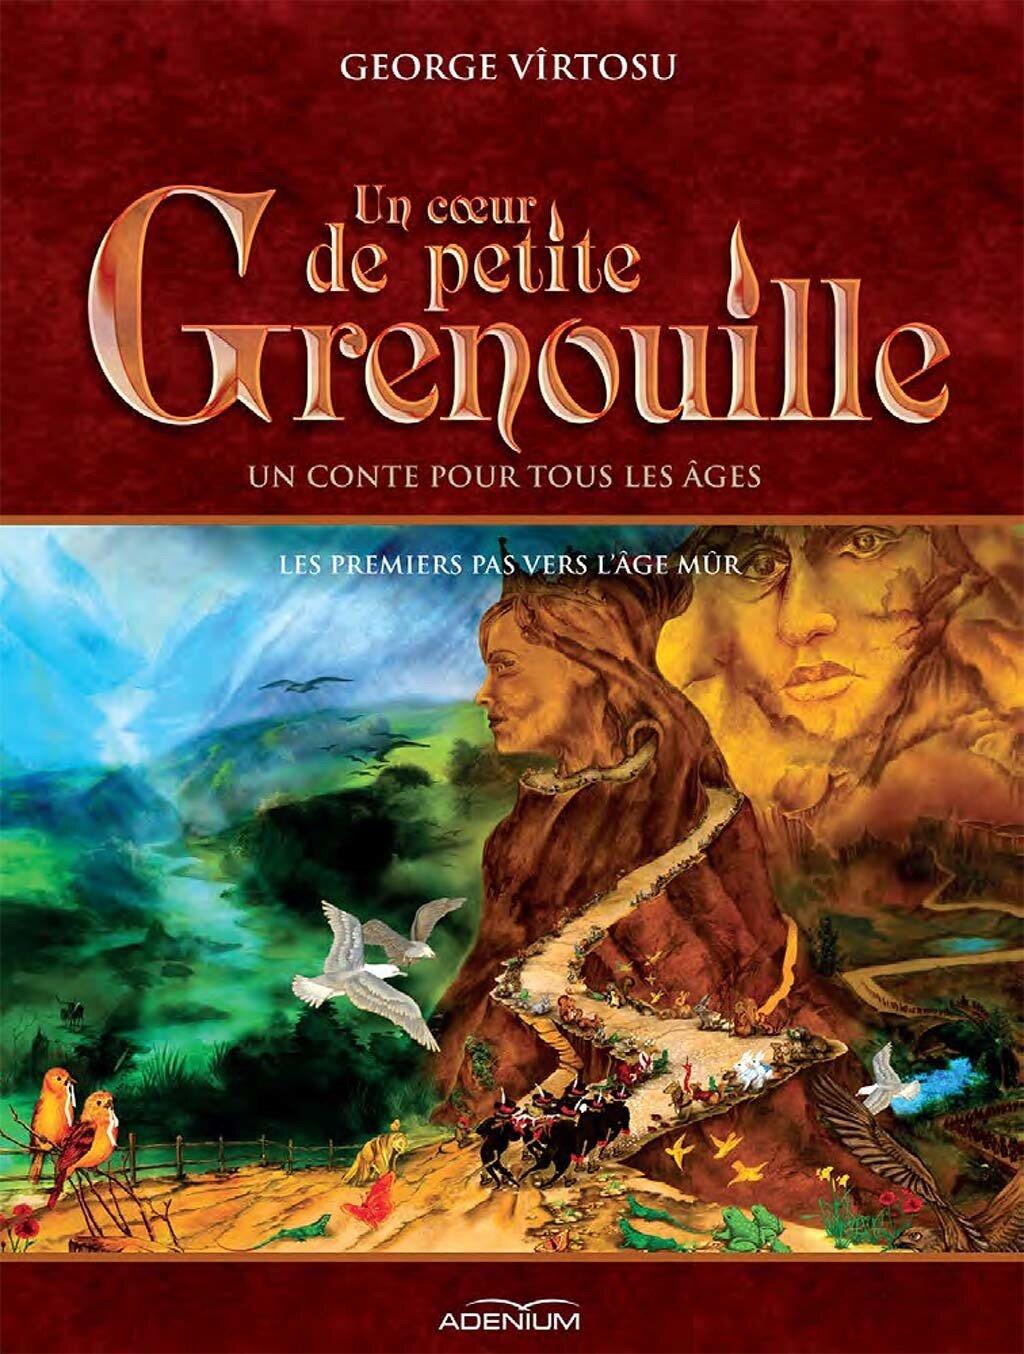 Un coeur de Petite Grenouille. Volume II. Les premiers pas vers l'age mur (eBook)